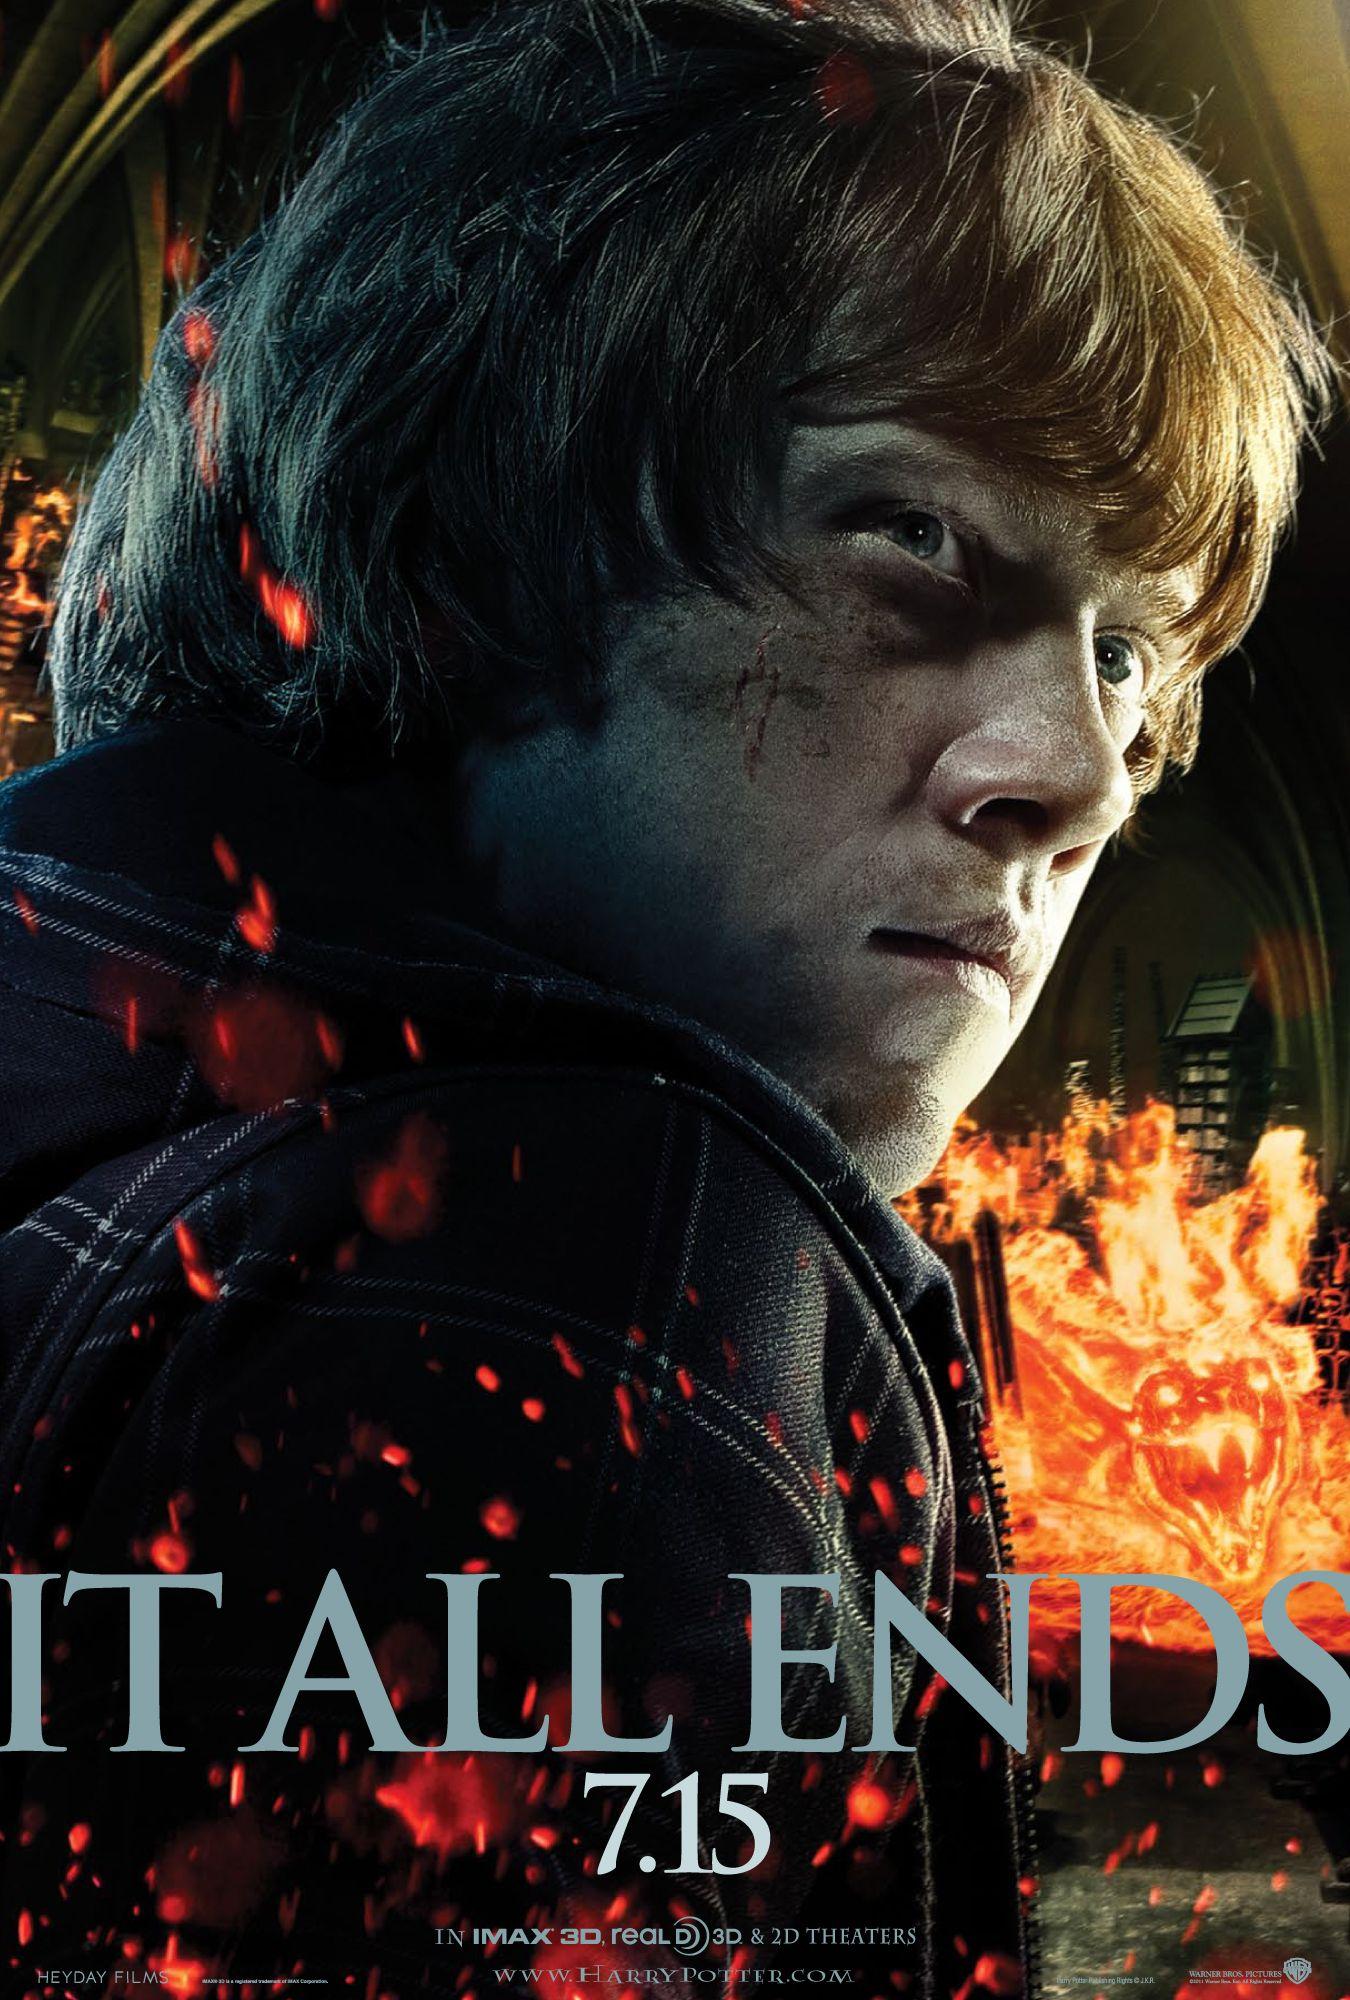 Harry Potter Deathly Hallows 2 Poster Rupert Grint